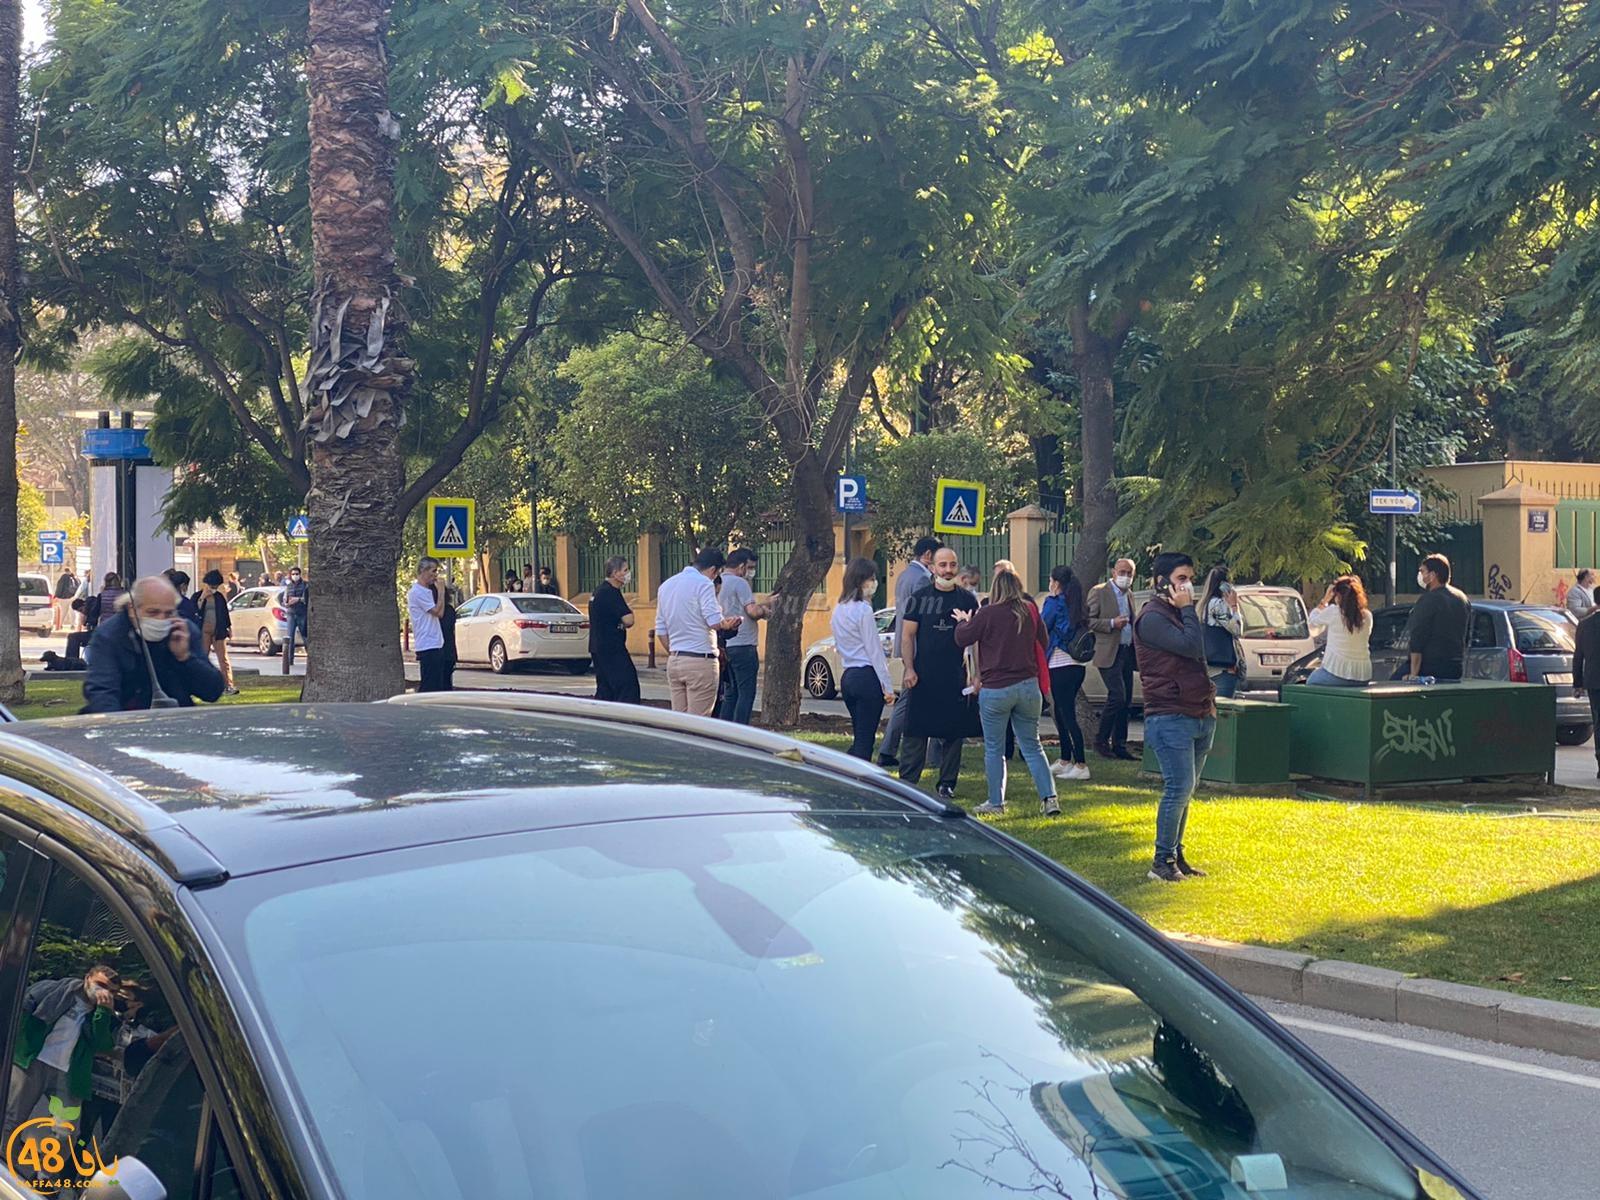 مواطنون من يافا: شعرنا بهزّة أرضية أثناء تواجدنا في أزمير بتركيا